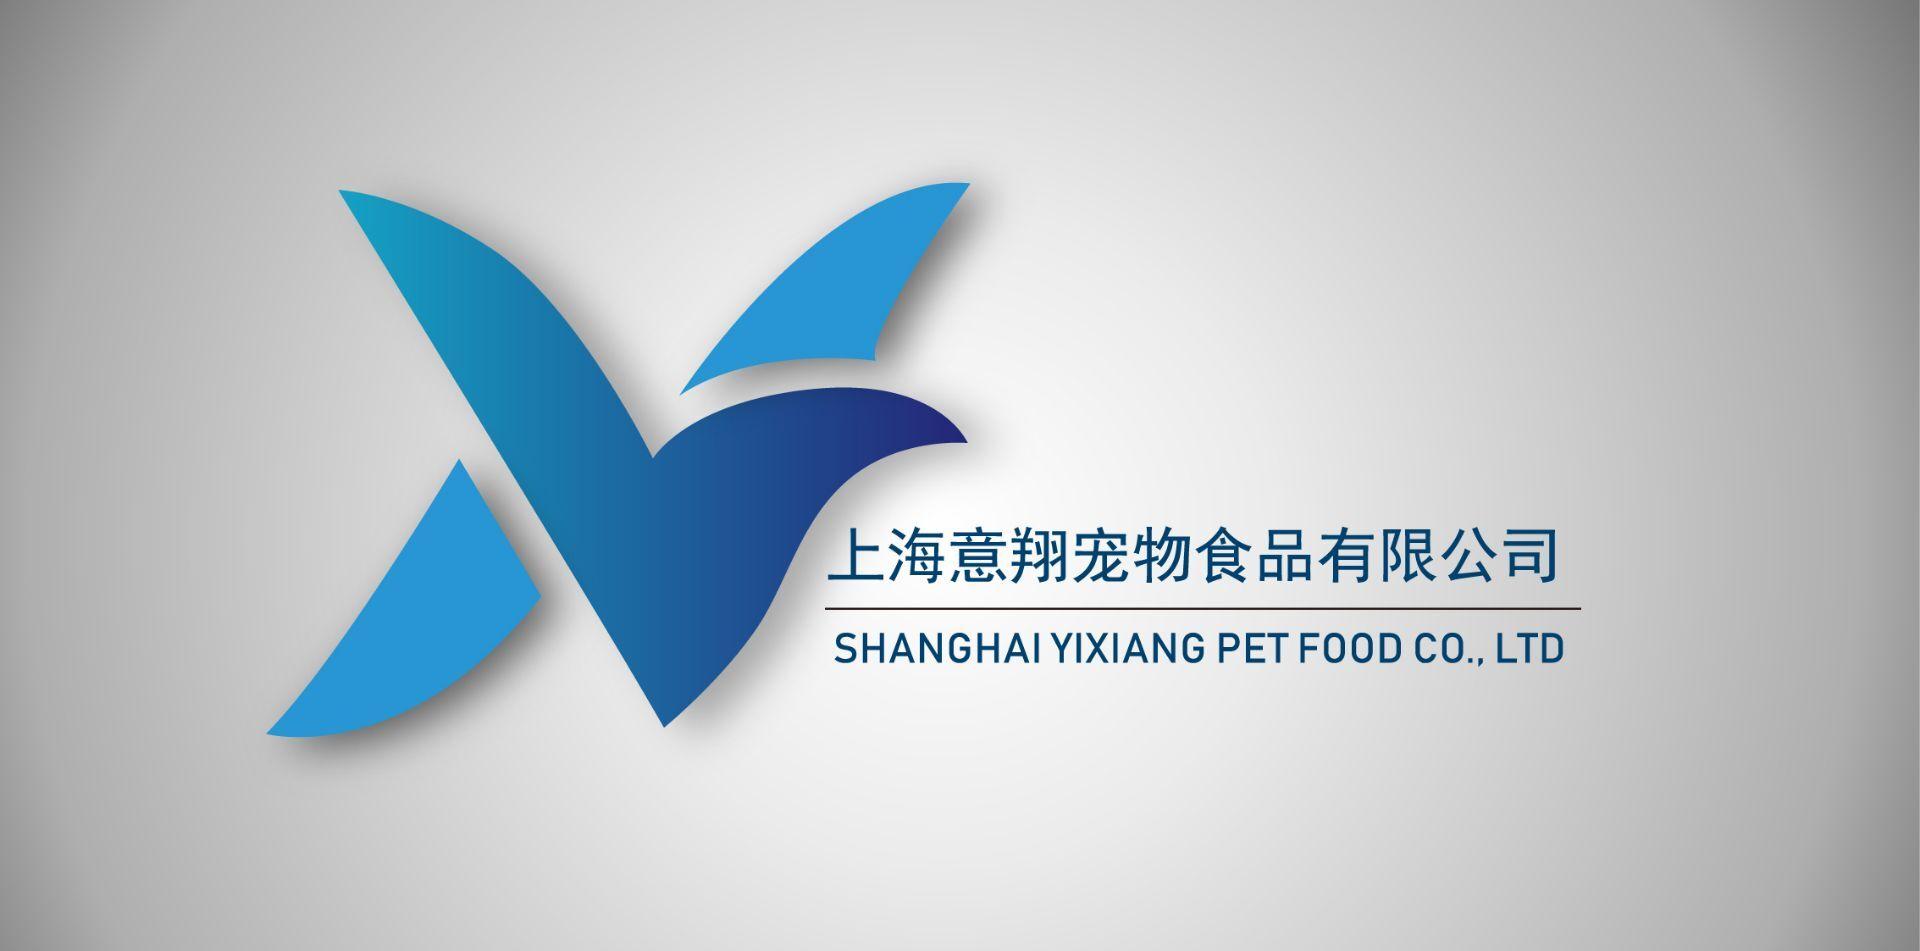 Shanghai Yixiang Pet Food Co. LTD